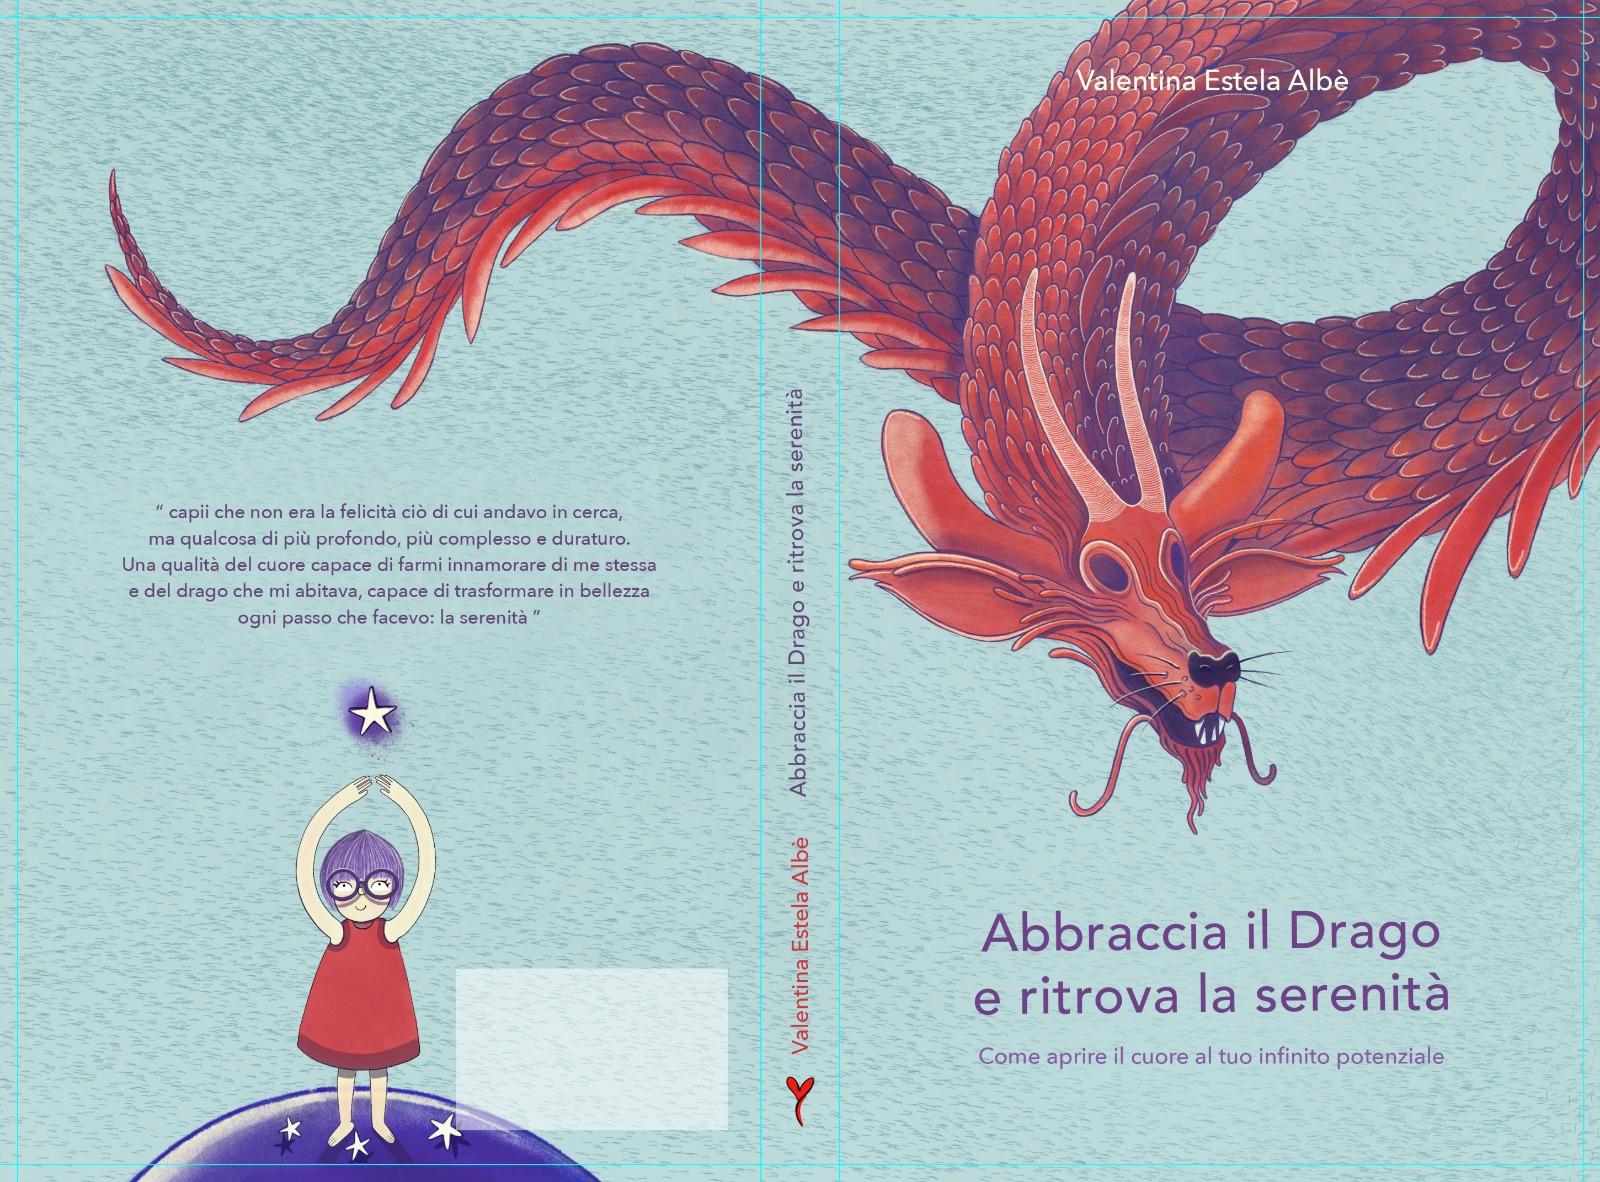 Abbraccia il drago e ritrova la serenità